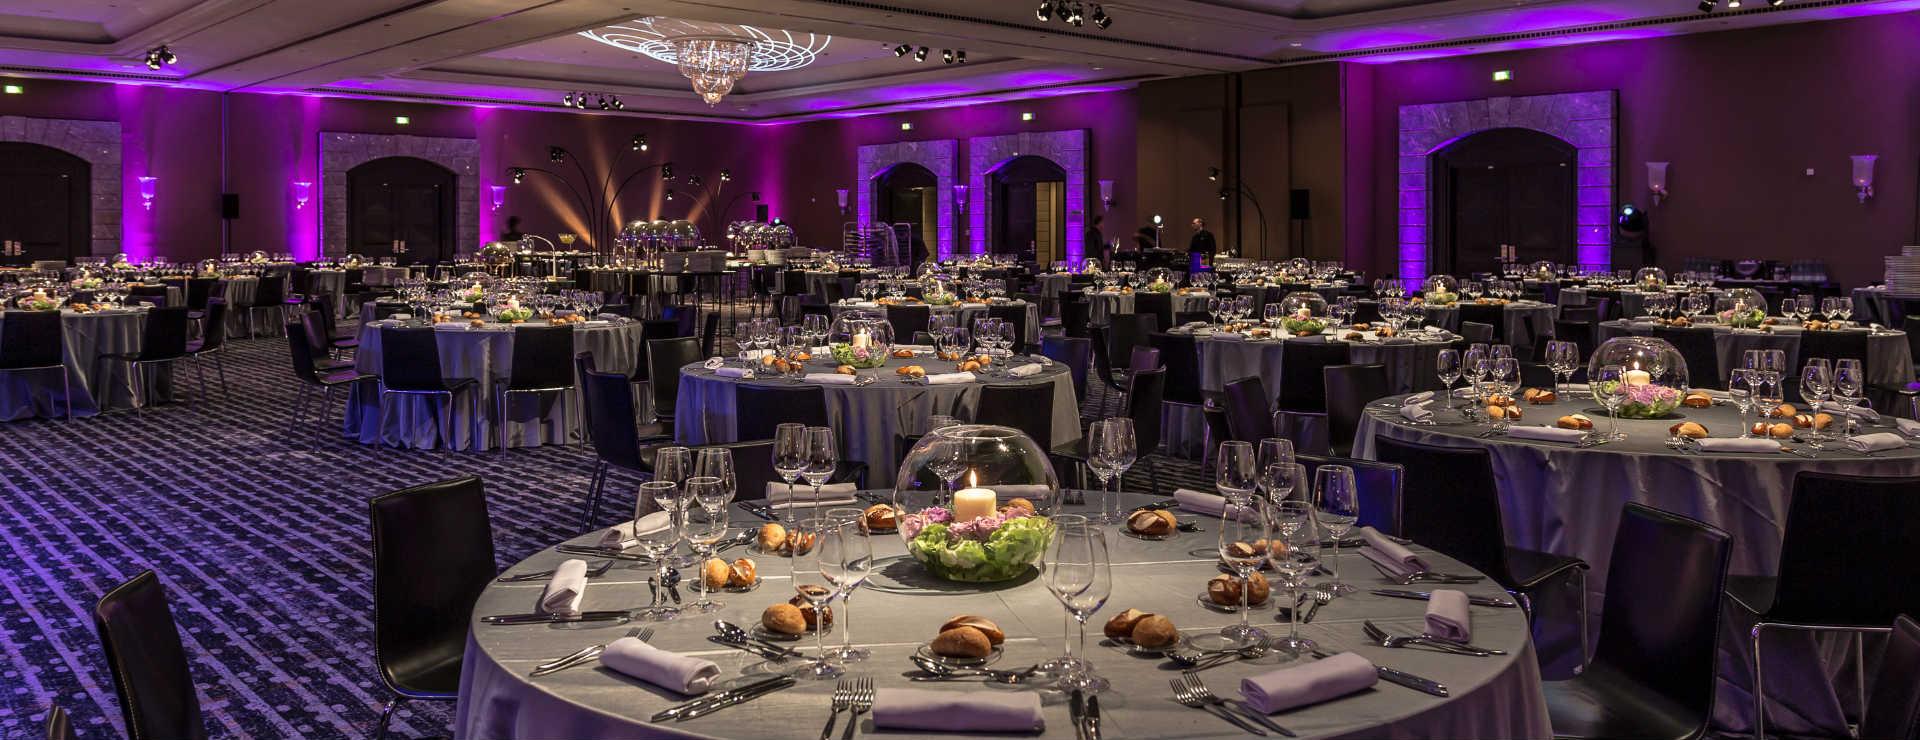 Eventos sociales y bodas